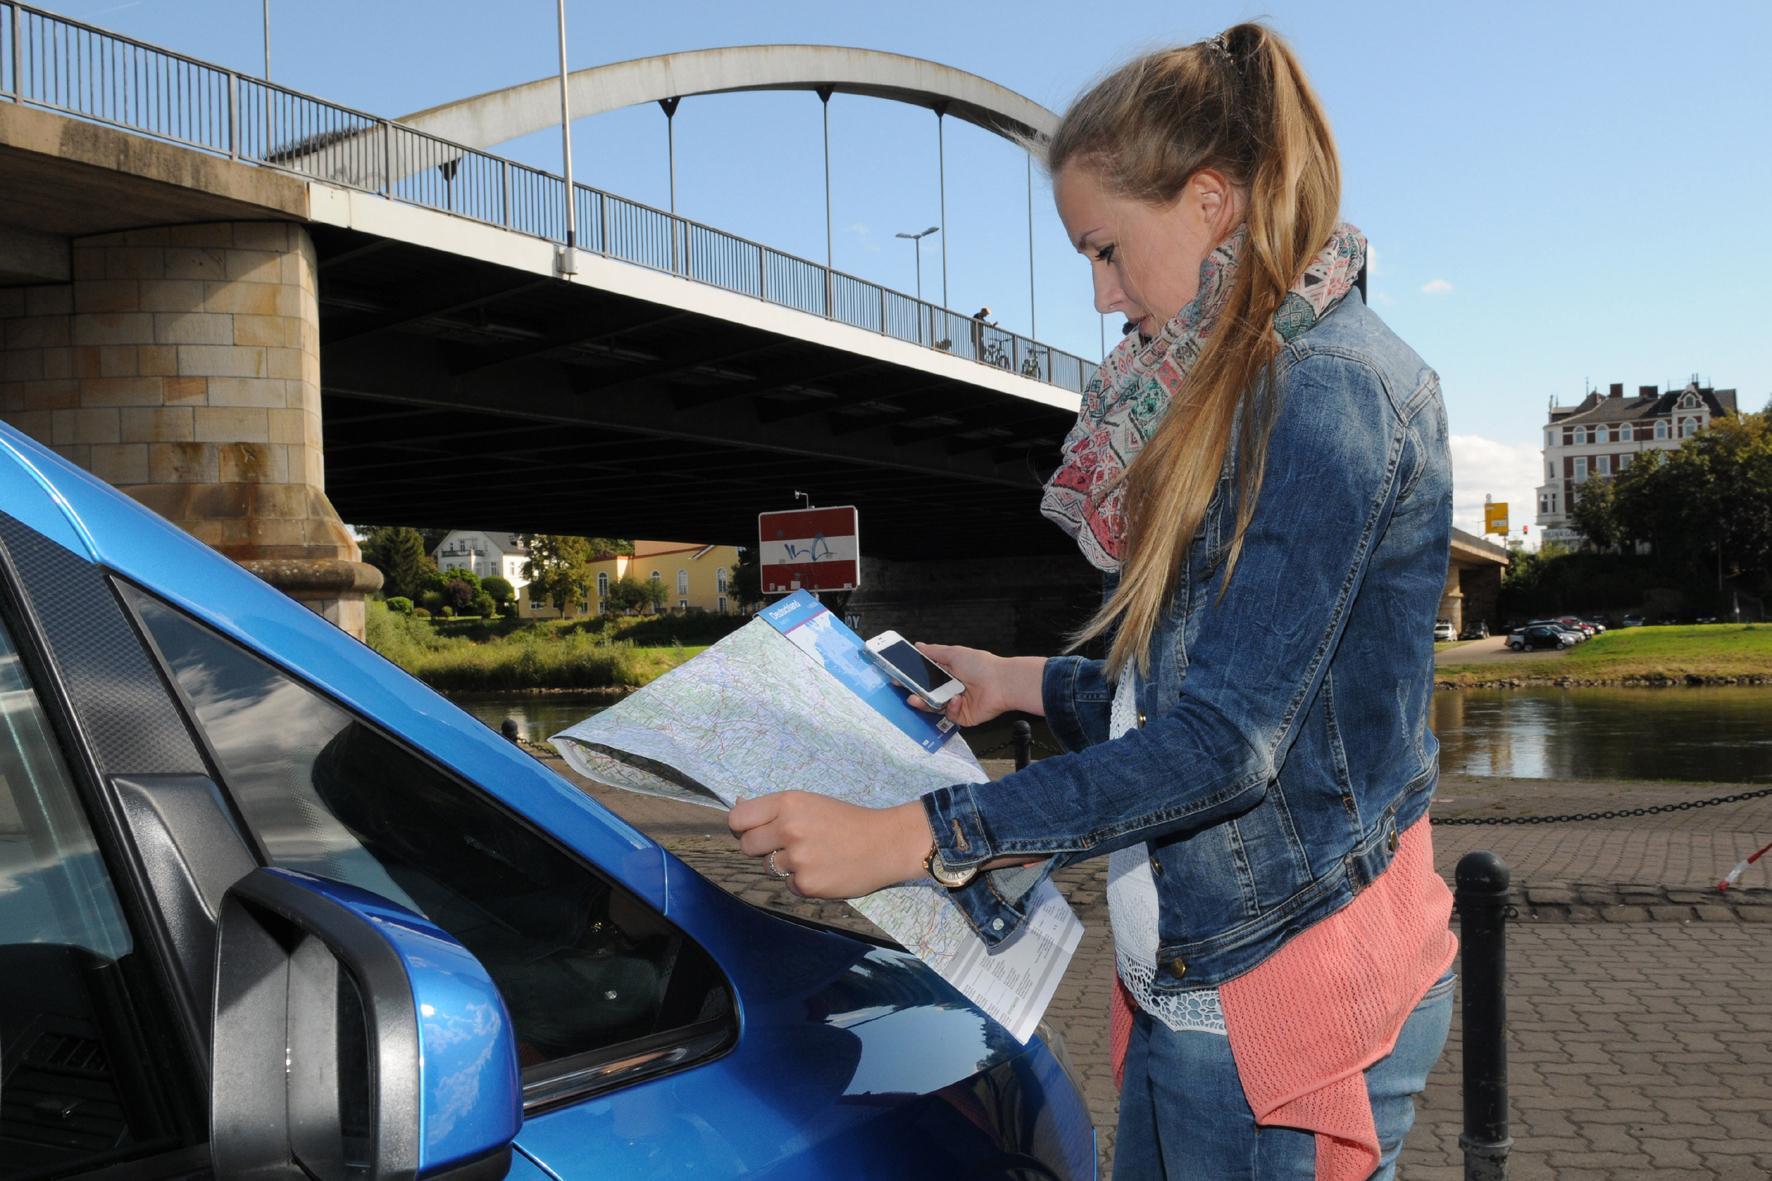 mid Düsseldorf - Die deutschen Autofahrer setzen wieder mehr auf gedruckte Straßenkarten. Ein Grund: Sie eignen sich besser als Navis als Planungshilfe für längere Fahrten.